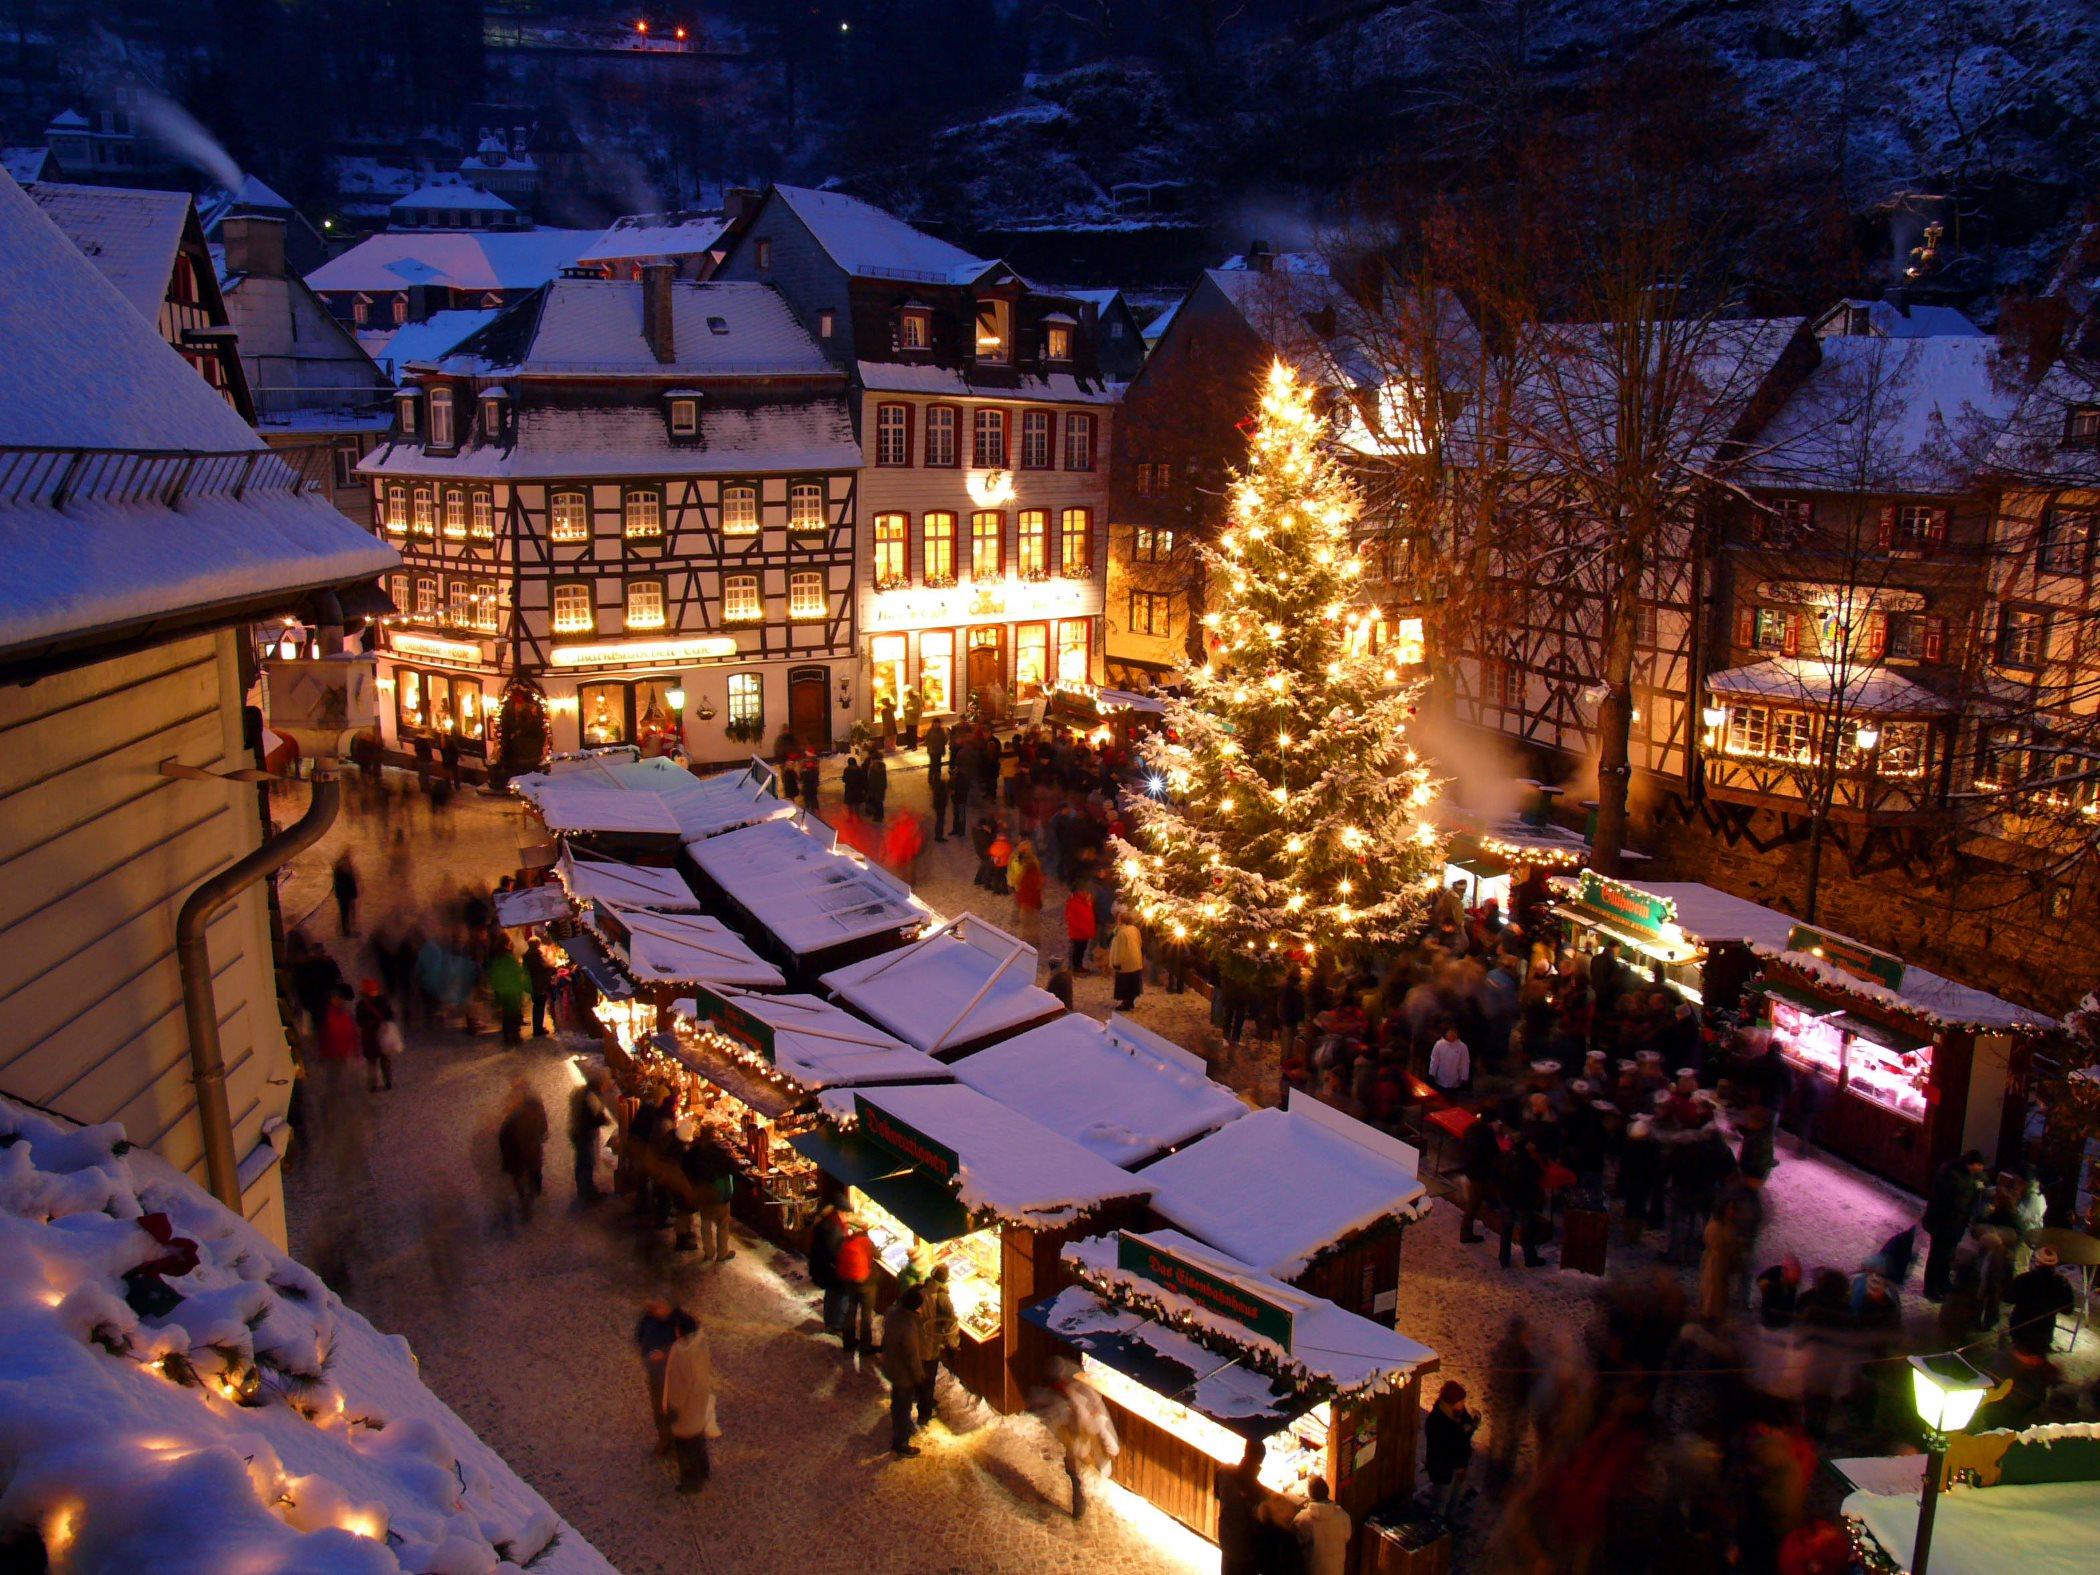 Weihnachtsmarkt Nach Weihnachten Noch Geöffnet Nrw.Weihnachtsmärkte Eifel Veranstaltungen Urlaub Eifel